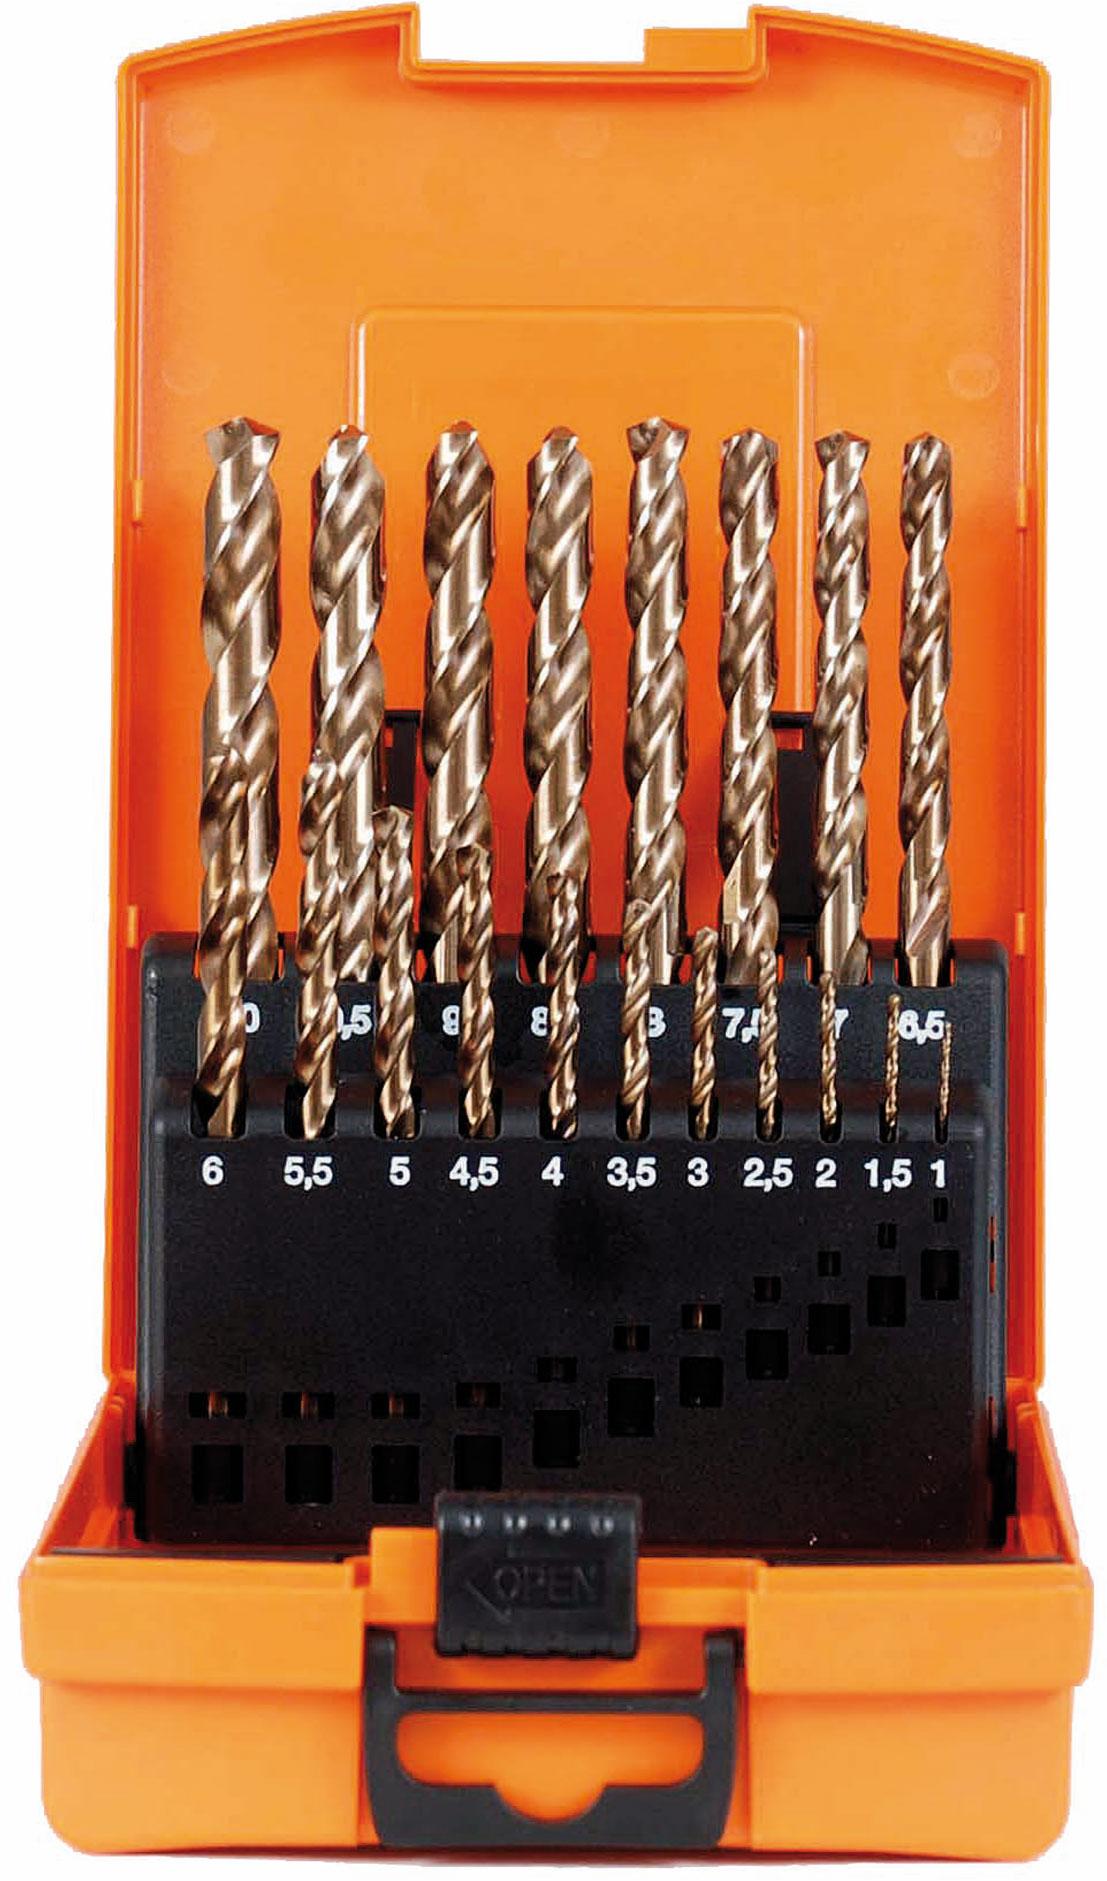 projahn spiralbohrer kassette hss co din 338 hss co din 338 eco 19 tlg. Black Bedroom Furniture Sets. Home Design Ideas